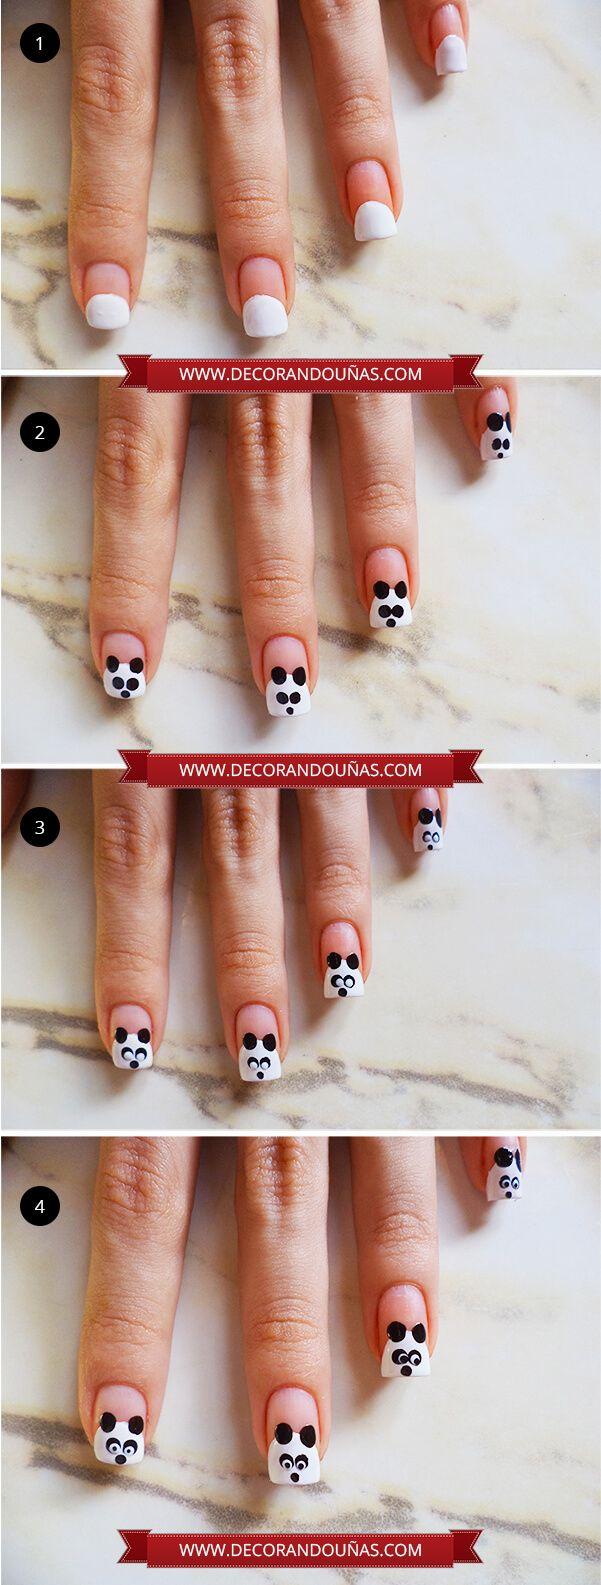 Uñas pintadas con un hermoso oso panda – Paso a paso   Decoración de Uñas - Nail Art - Uñas decoradas